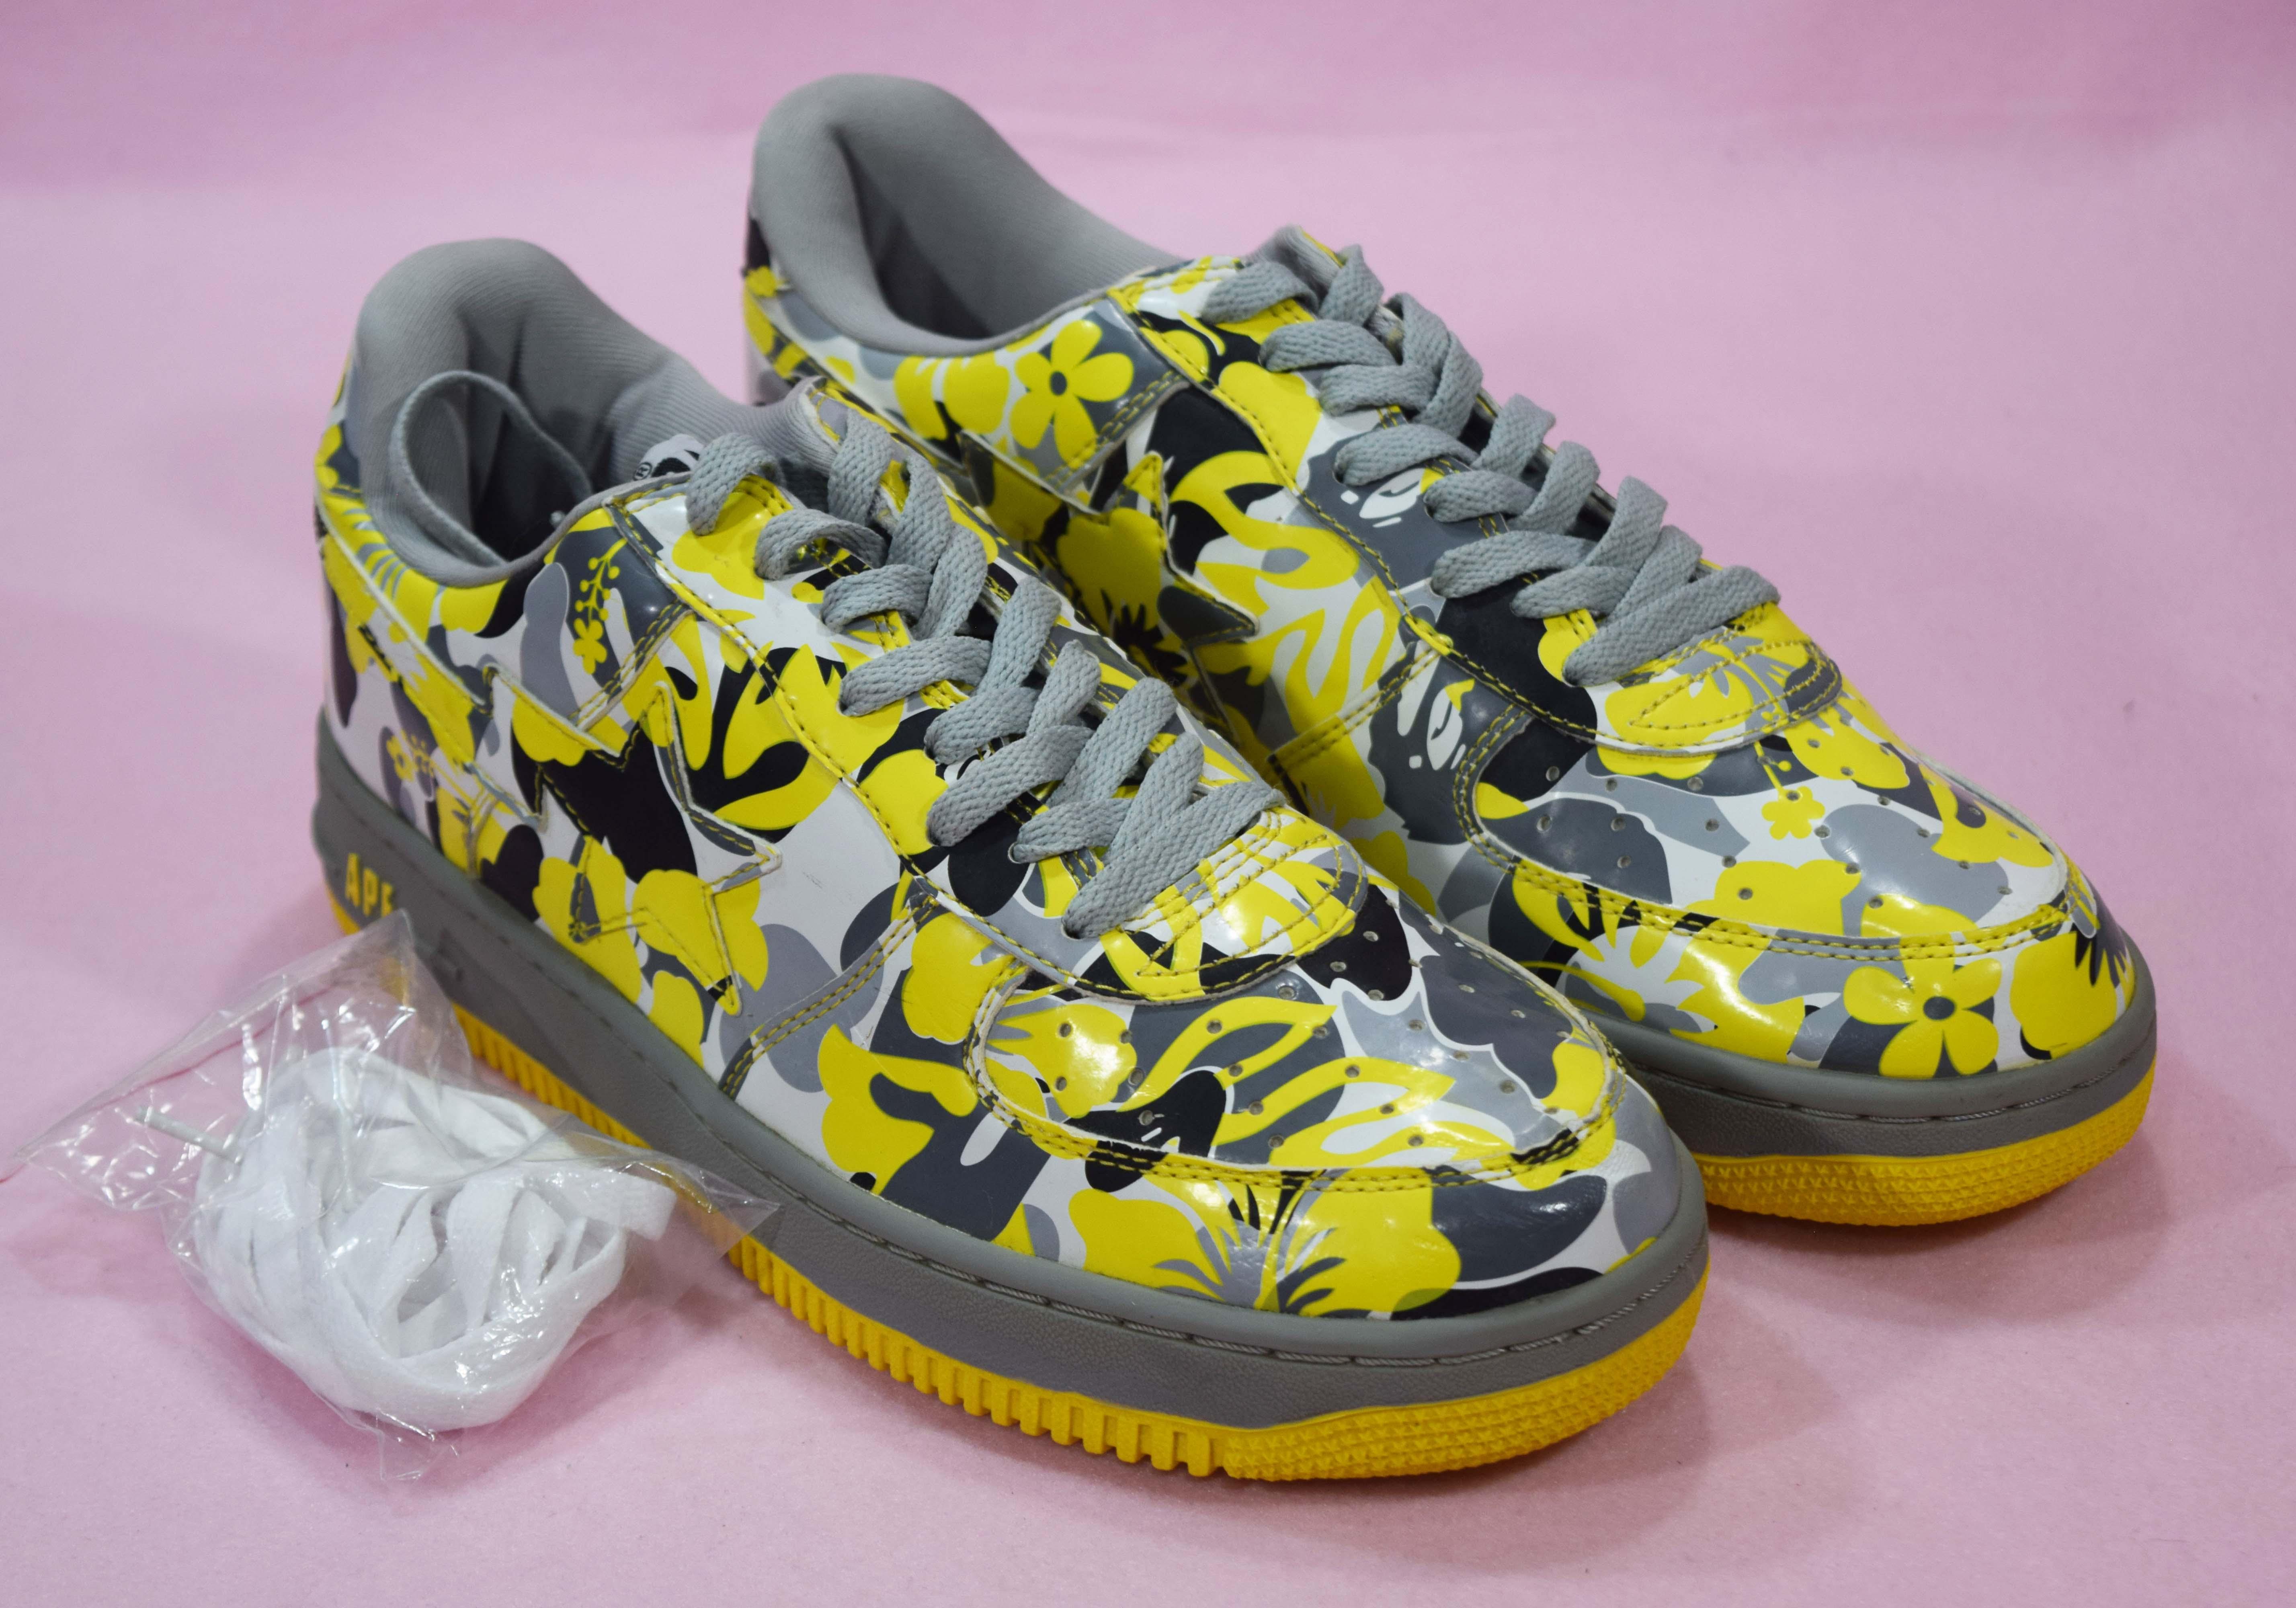 f7c24e4203685 Bape Bape A Bathing Ape Bapesta Sneaker Yellow Resort Flower Camo ...